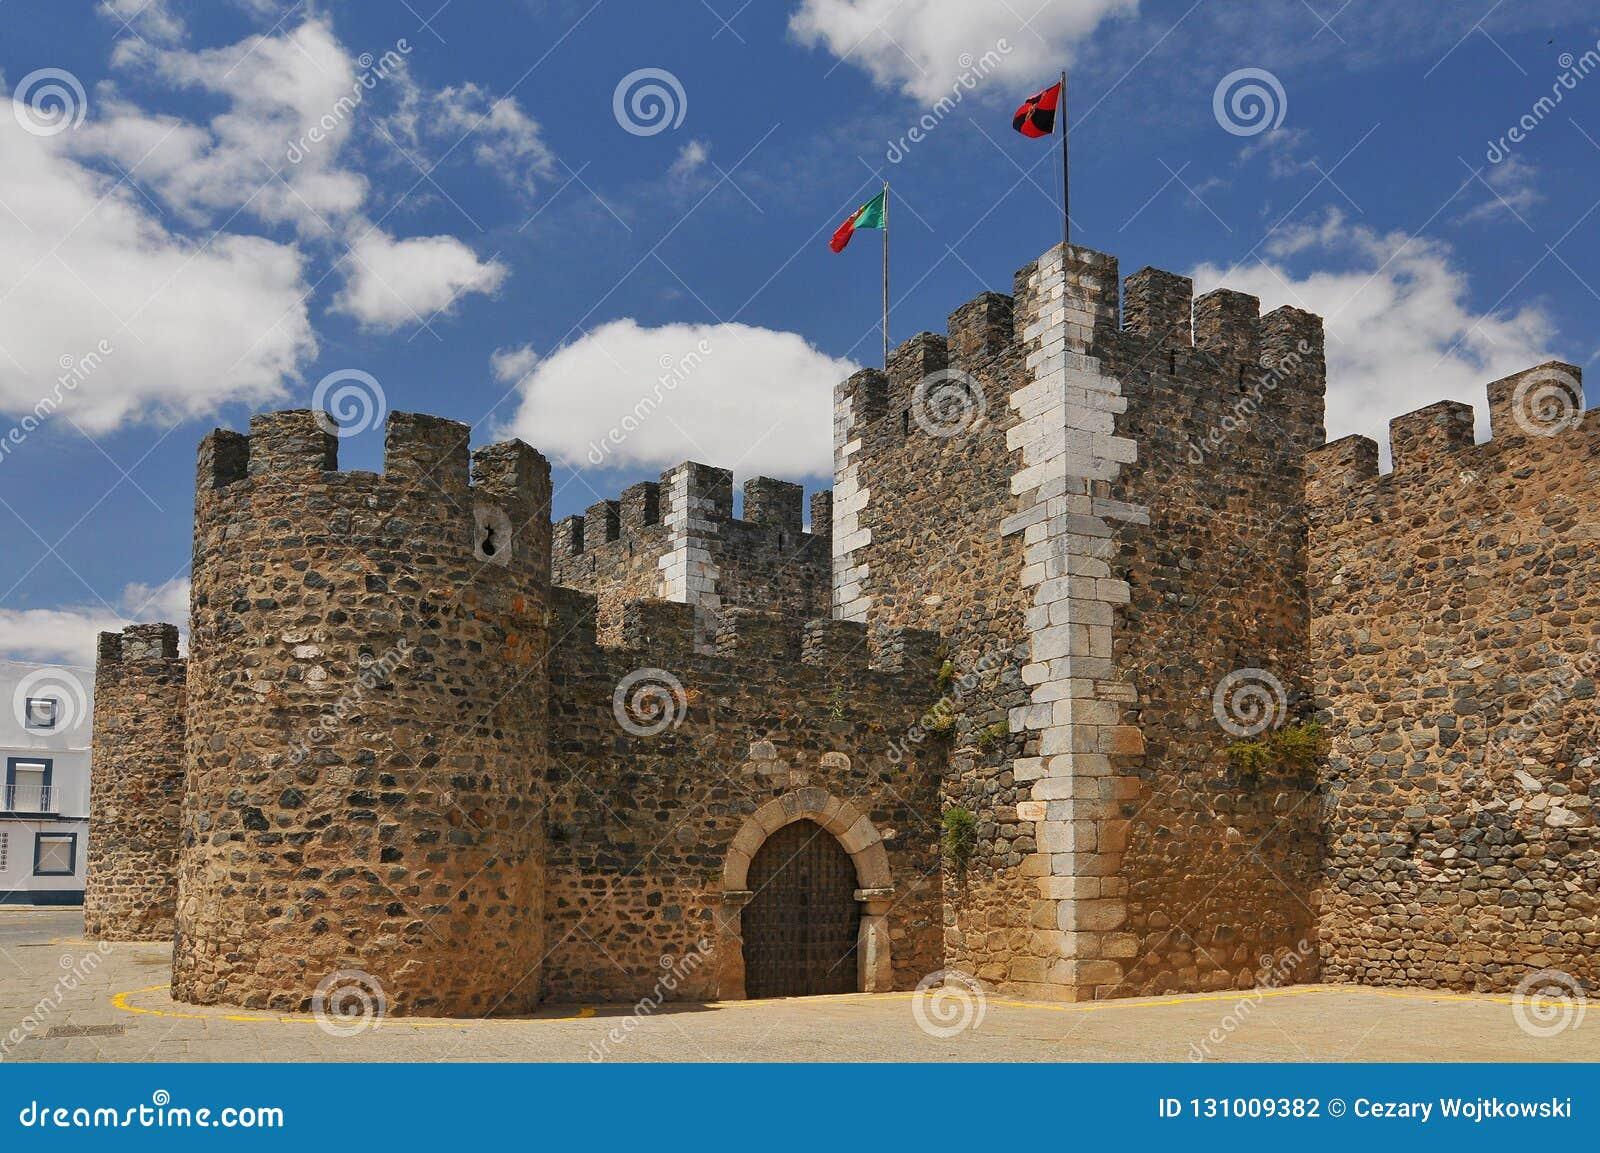 Le château de Beja Castelo de Beja est un château médiéval dans la paroisse civile de Beja, Portugal